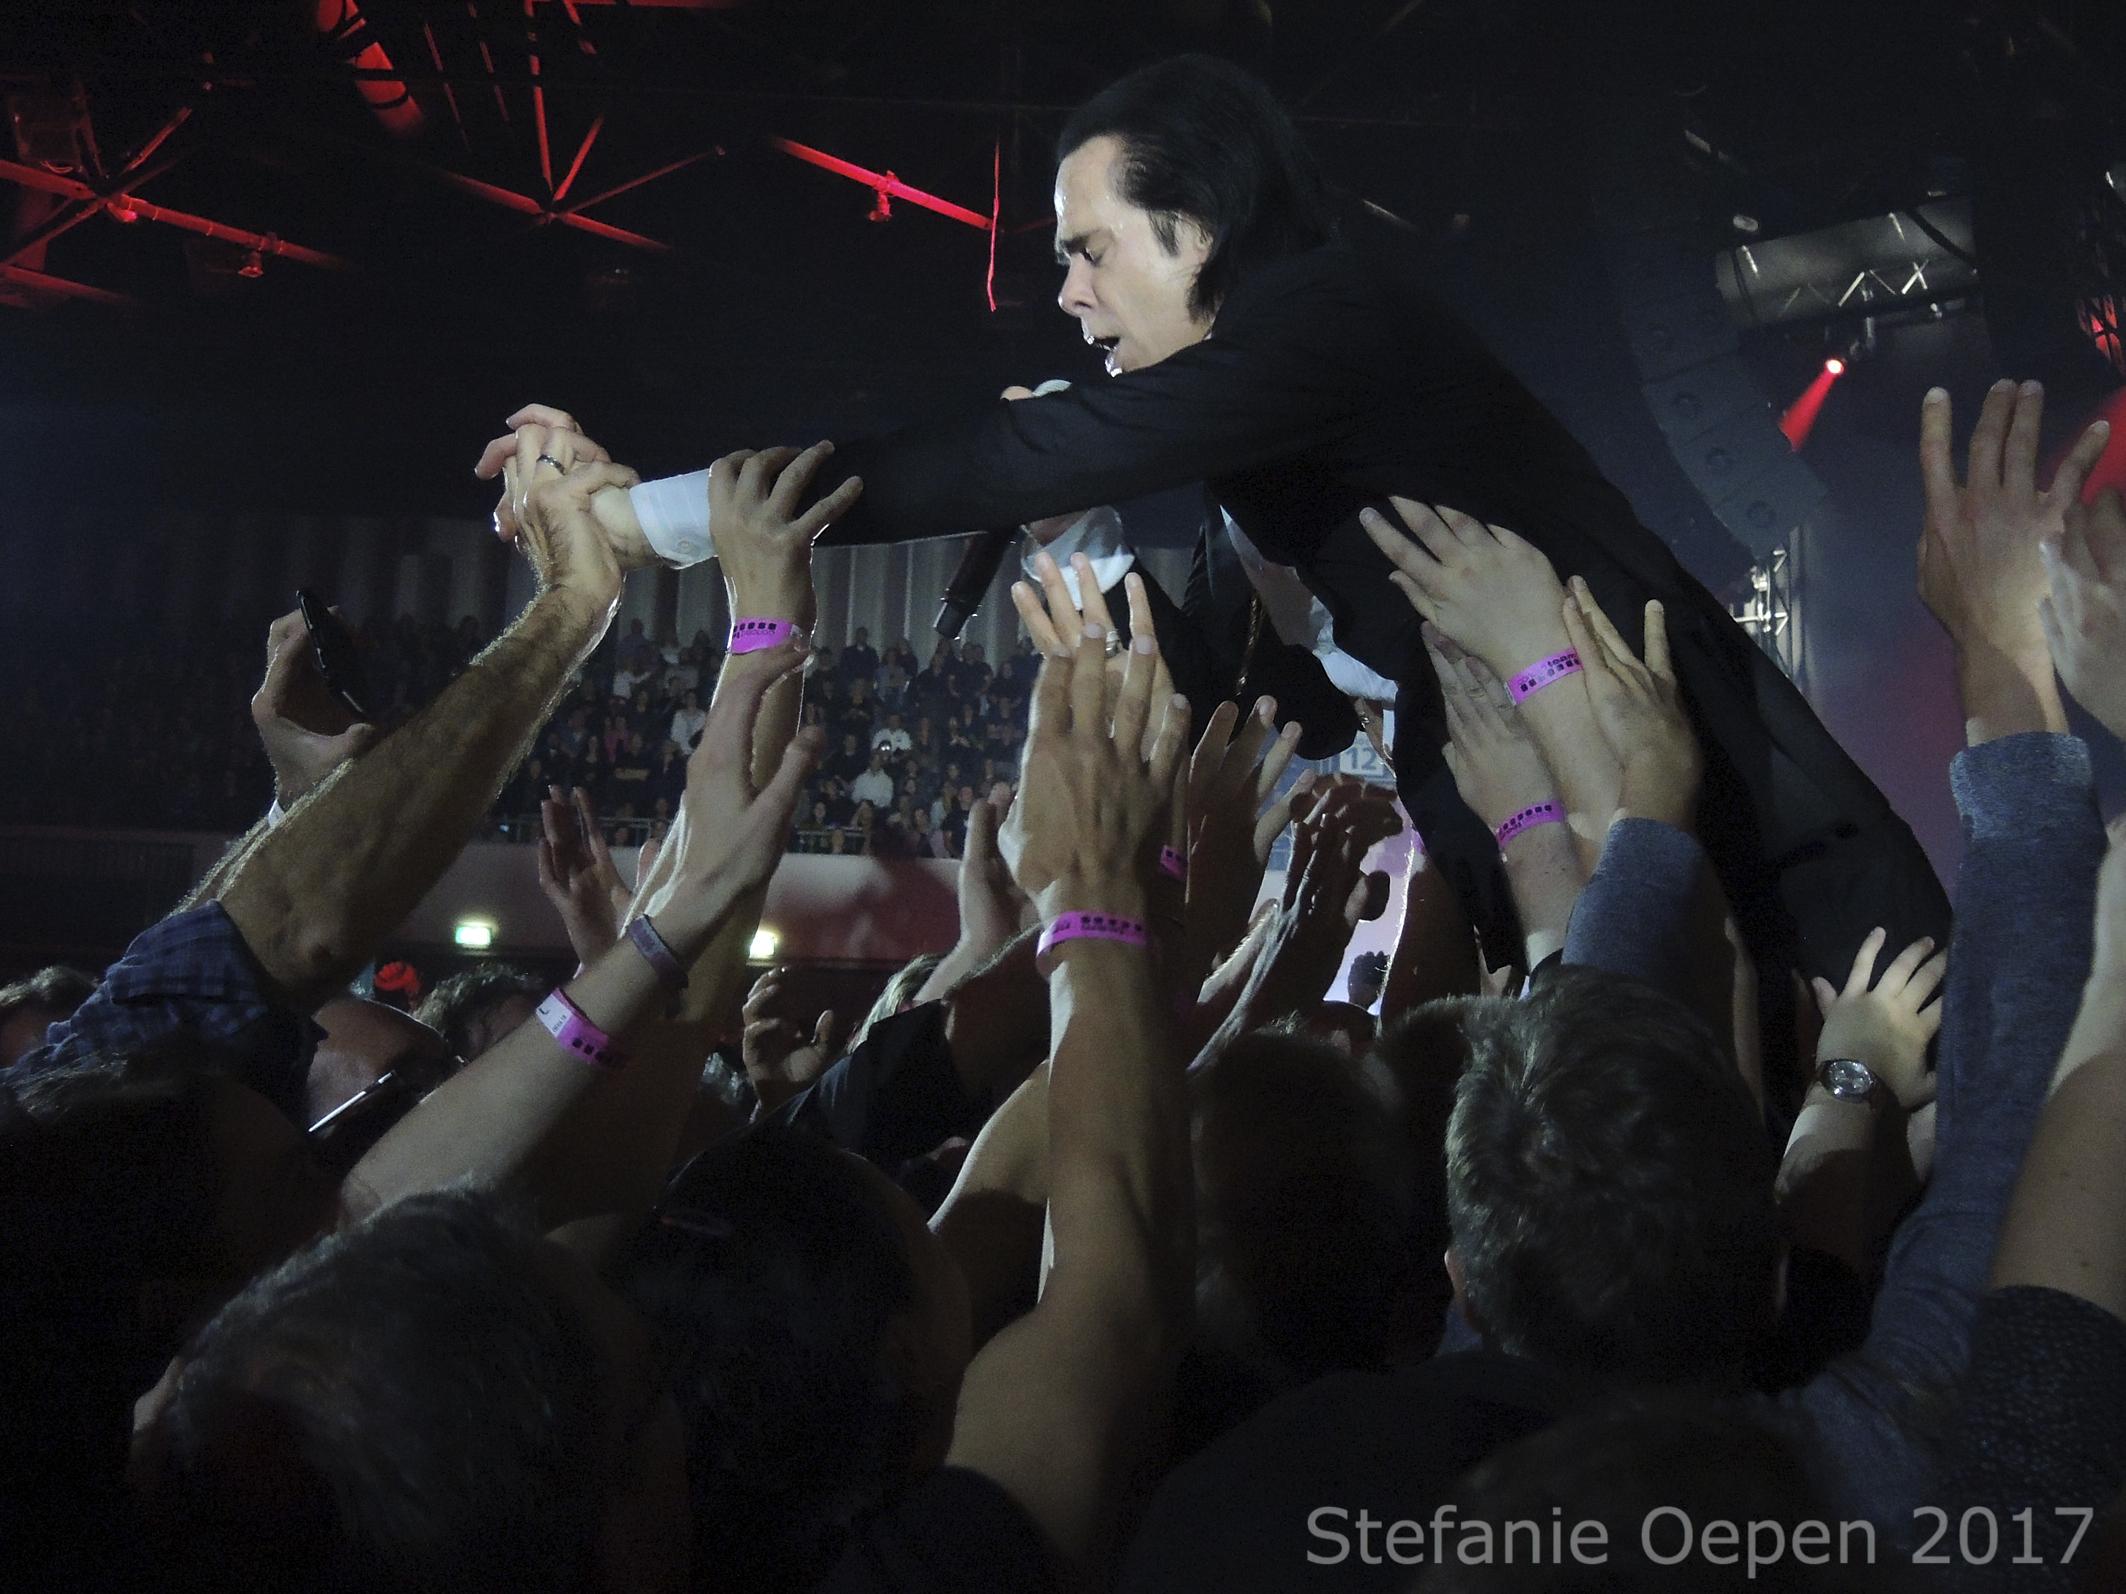 Nick Cave, Düsseldorf 2017